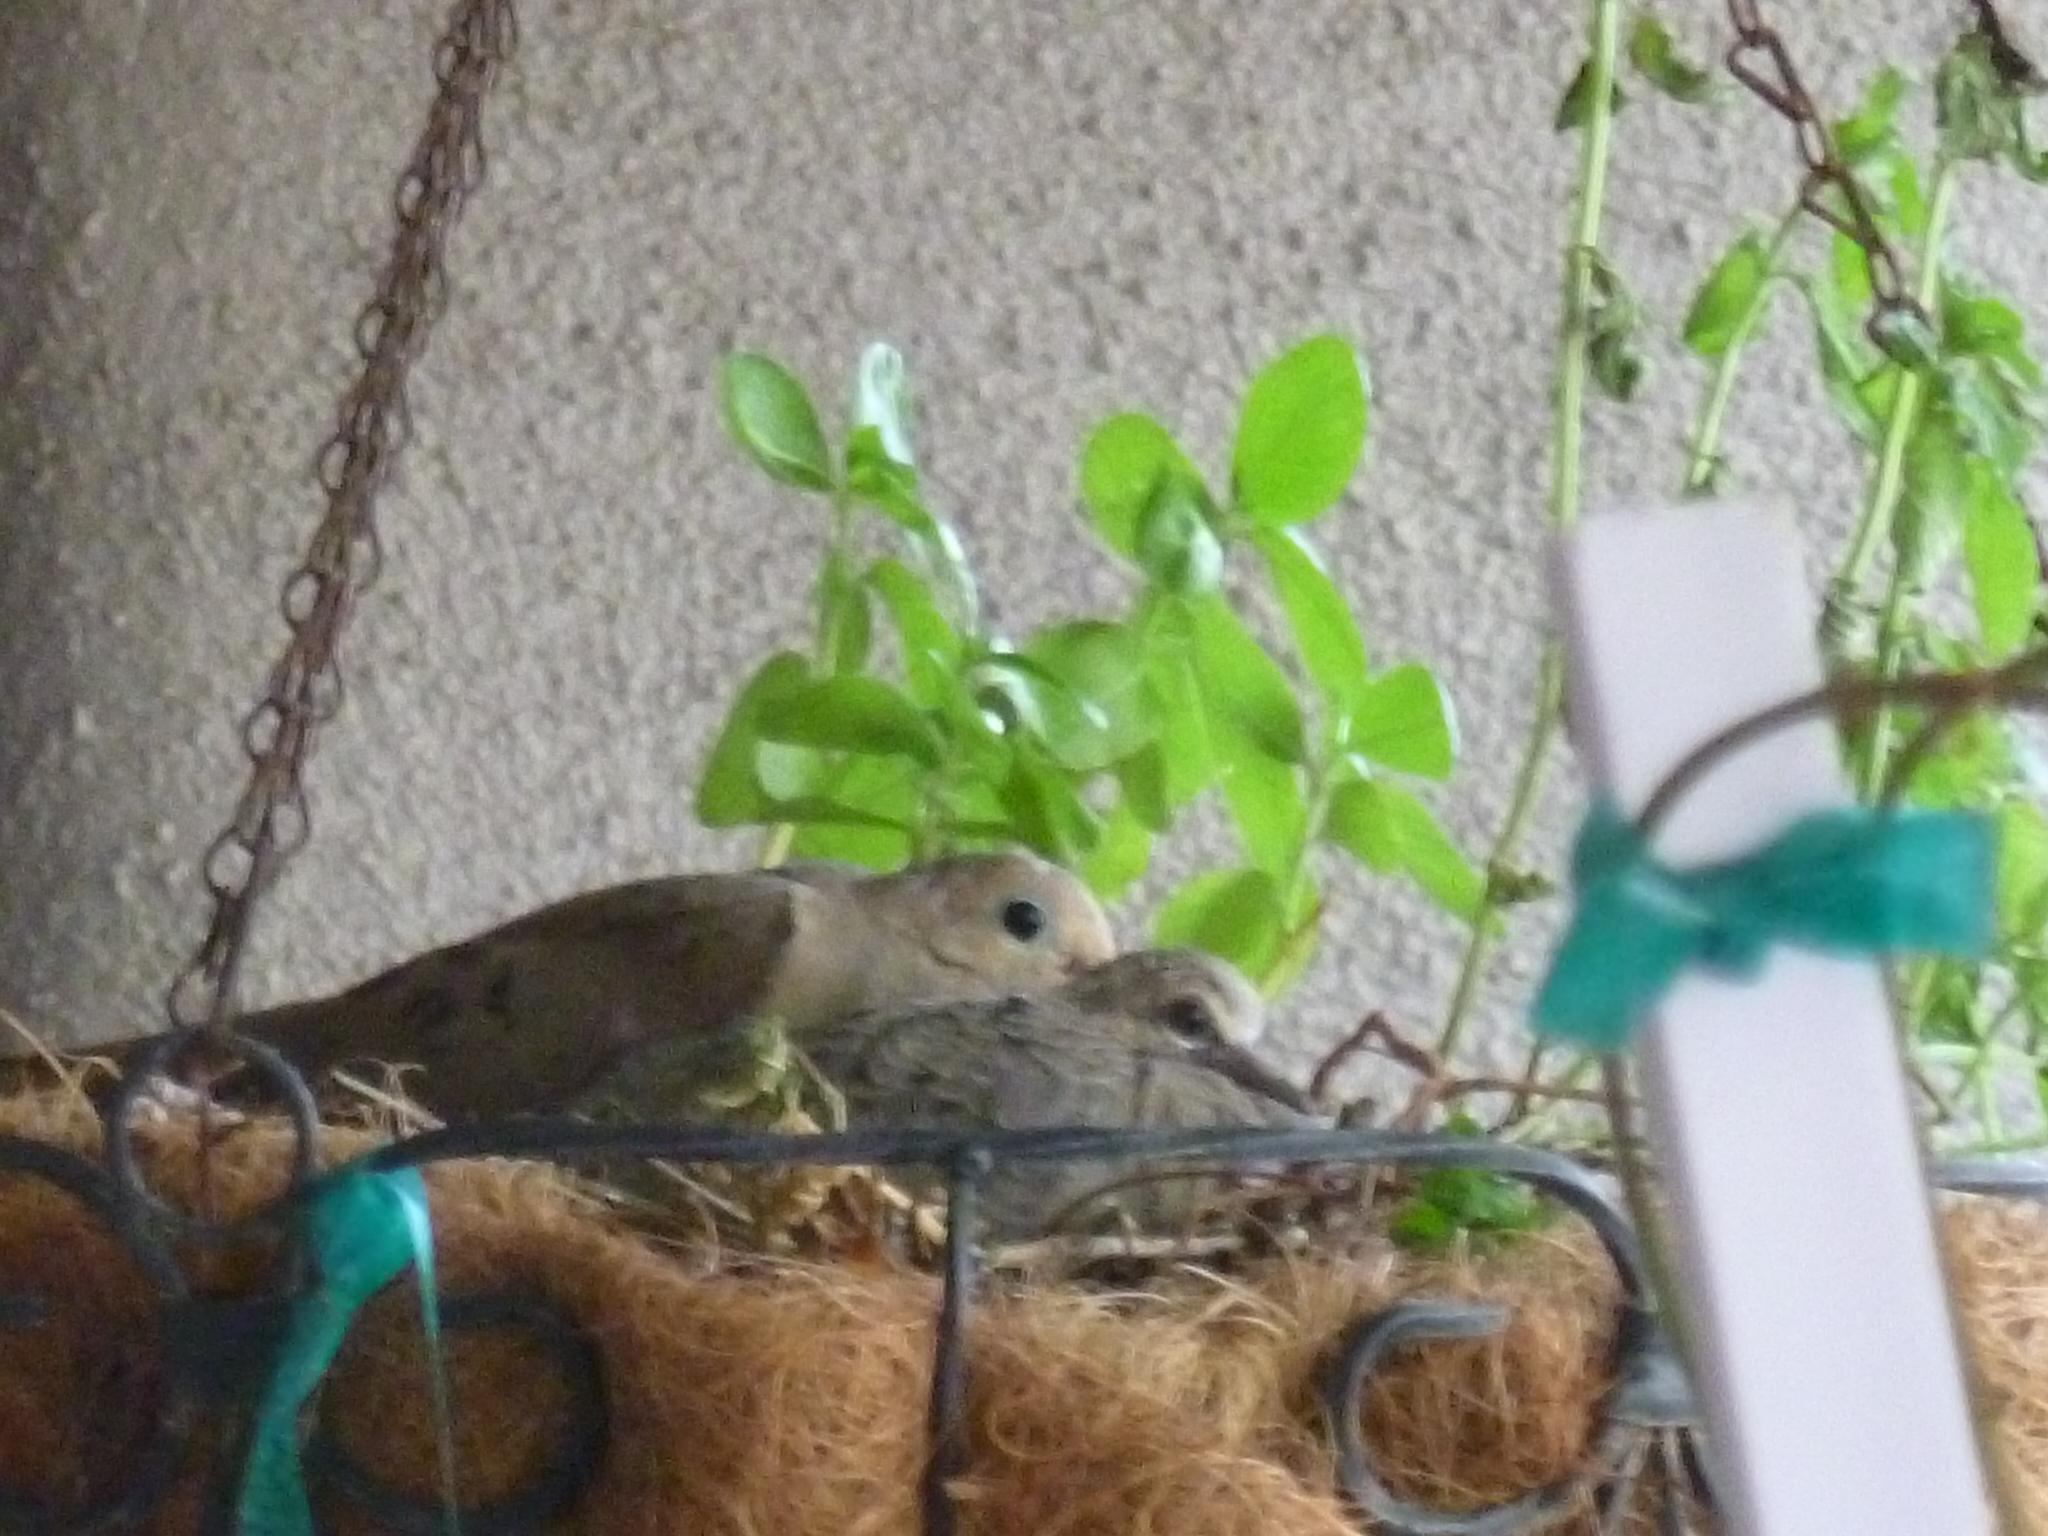 Birdlife: Coos dan pistas sobre el comportamiento de la paloma